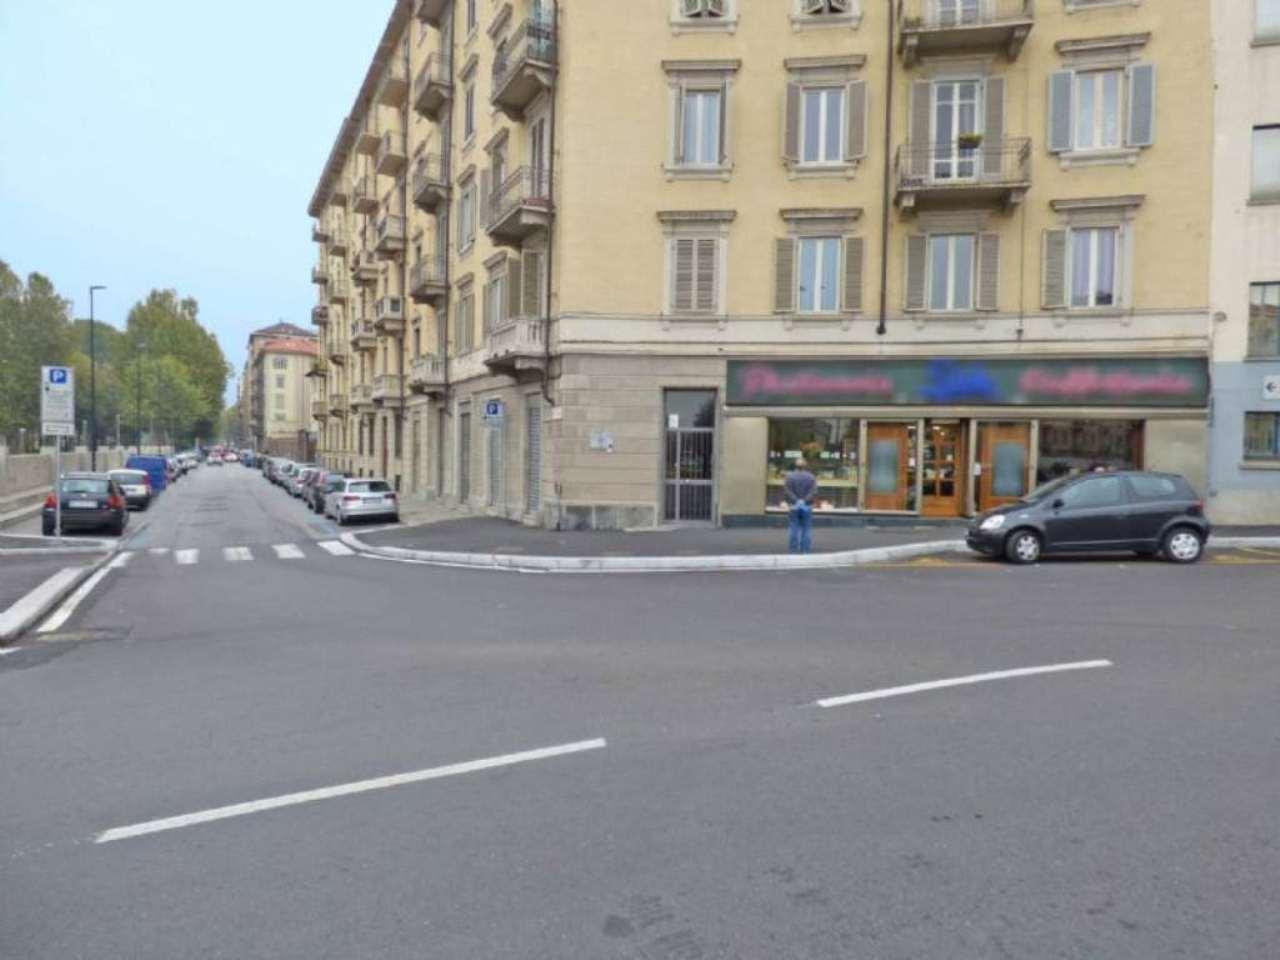 Torino Vendita NEGOZI Immagine 2